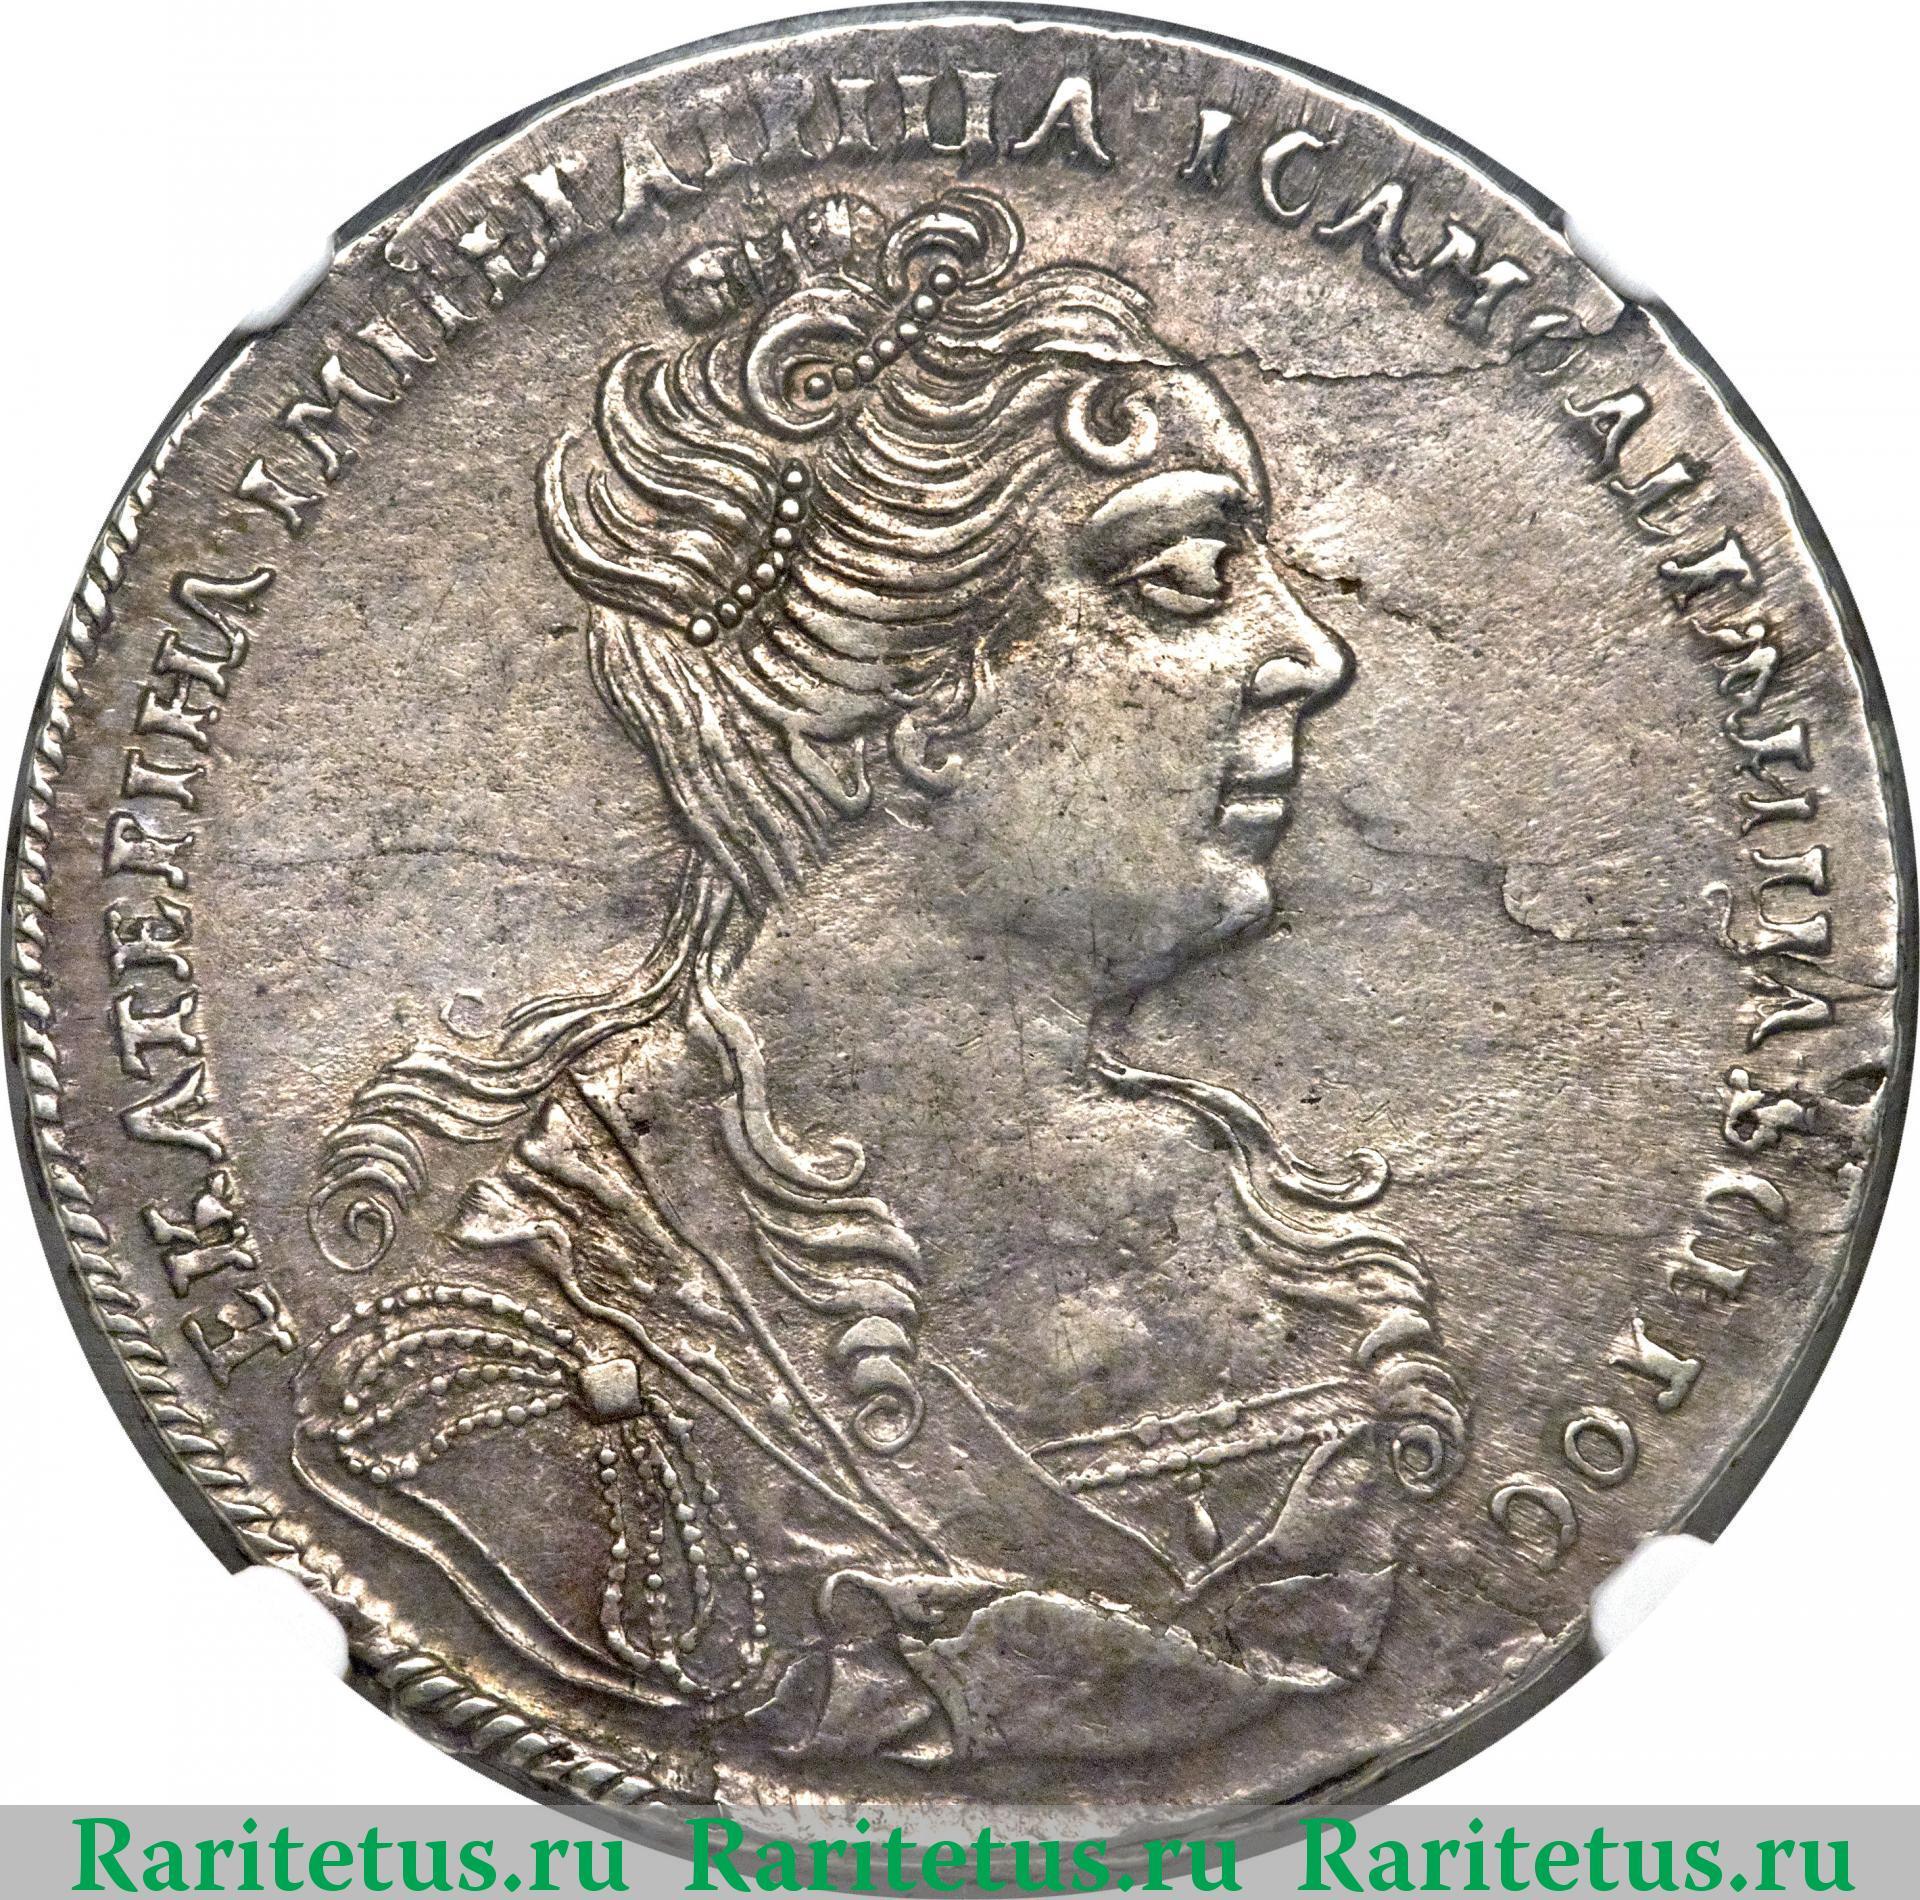 Серебряный рубль екатерина монета цена сорок монет сказка